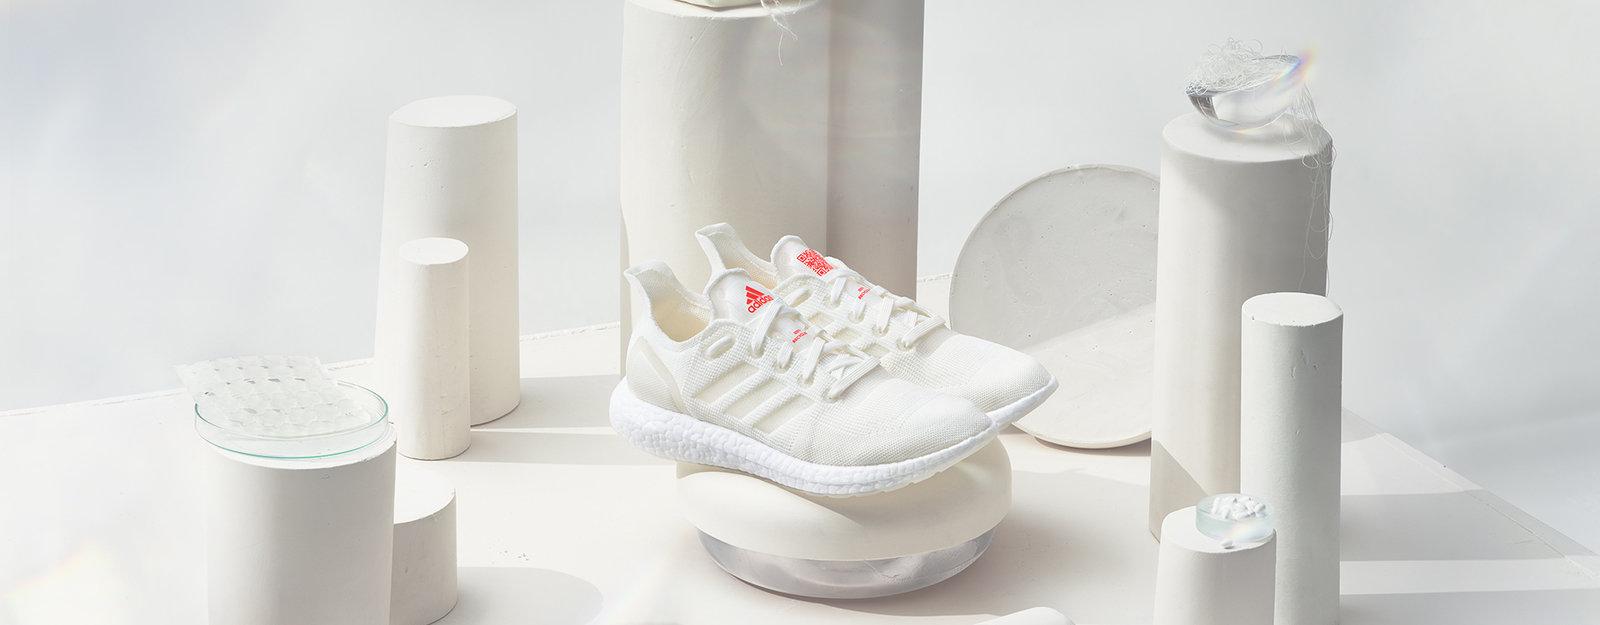 adidas tung chiến lược sản xuất không-rác-thải với sneaker làm từ nhựa tái chế